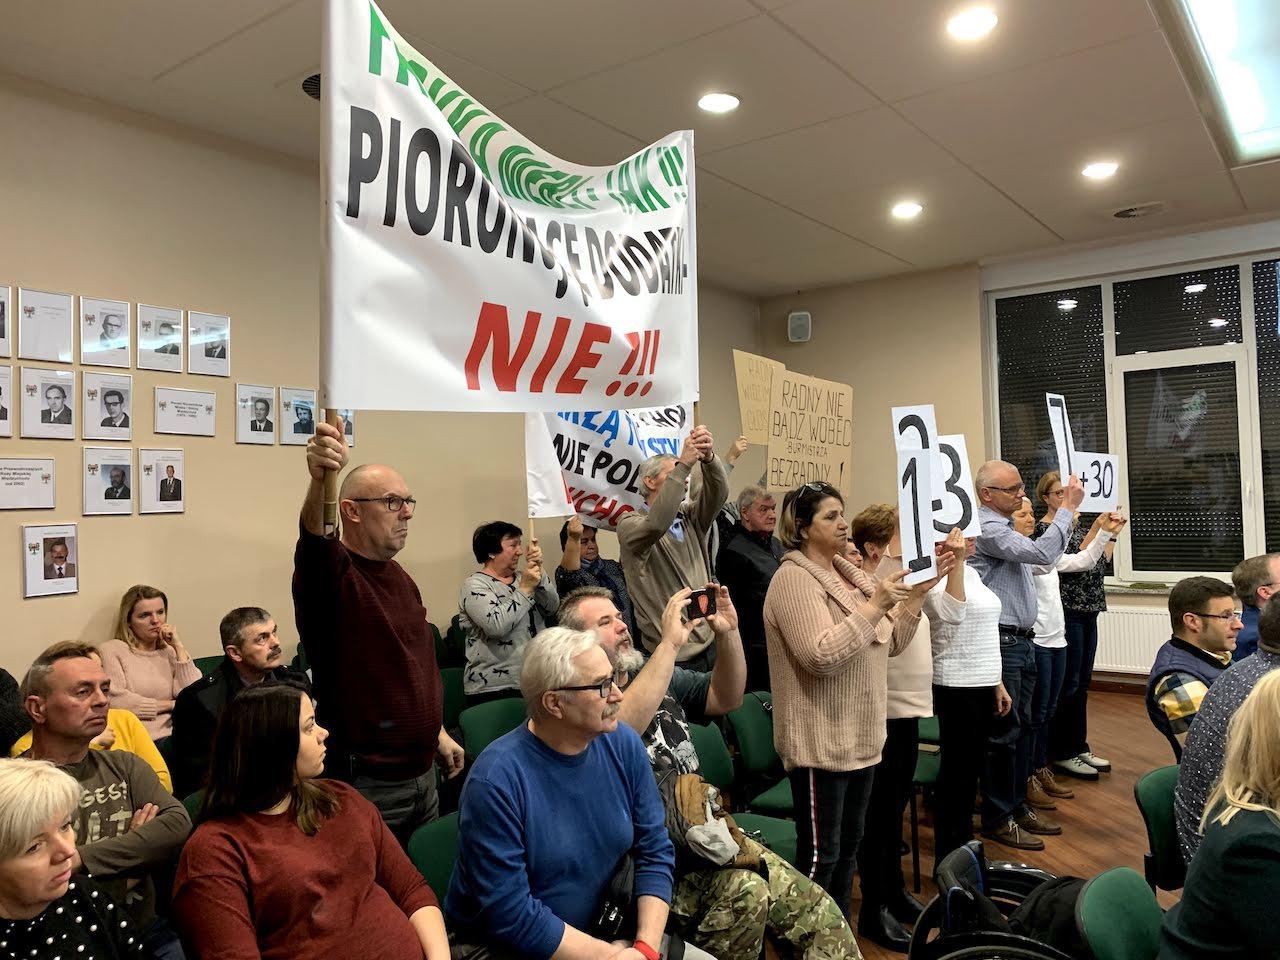 międzychód gorzyń protest sesja fabryka pianki - Kacper Witt - Radio Poznań